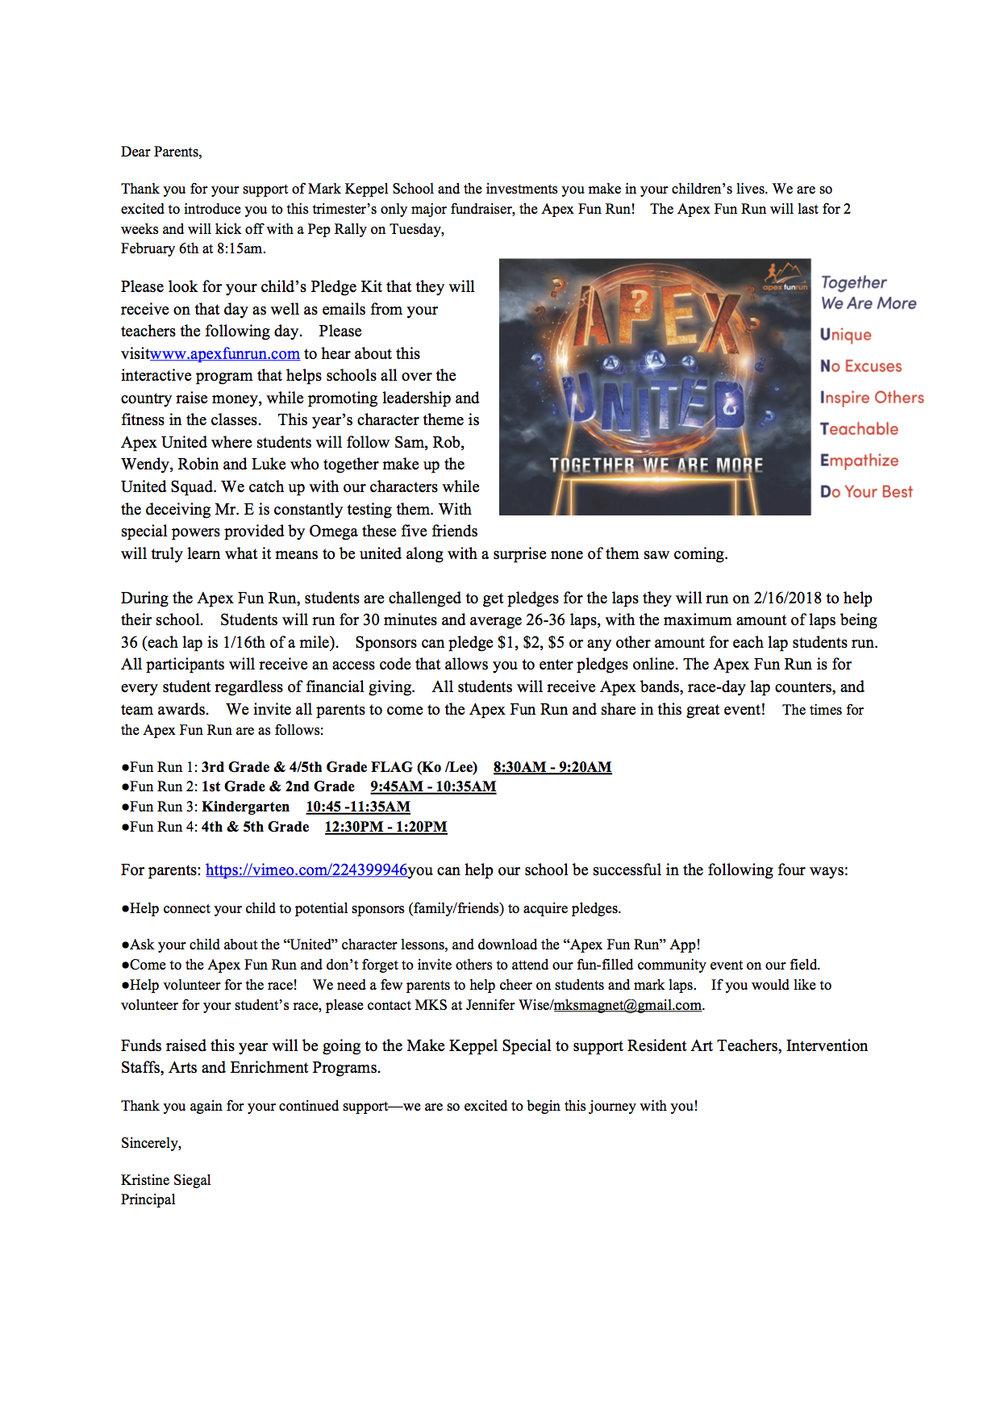 MK principle newsletter 2018.jpg